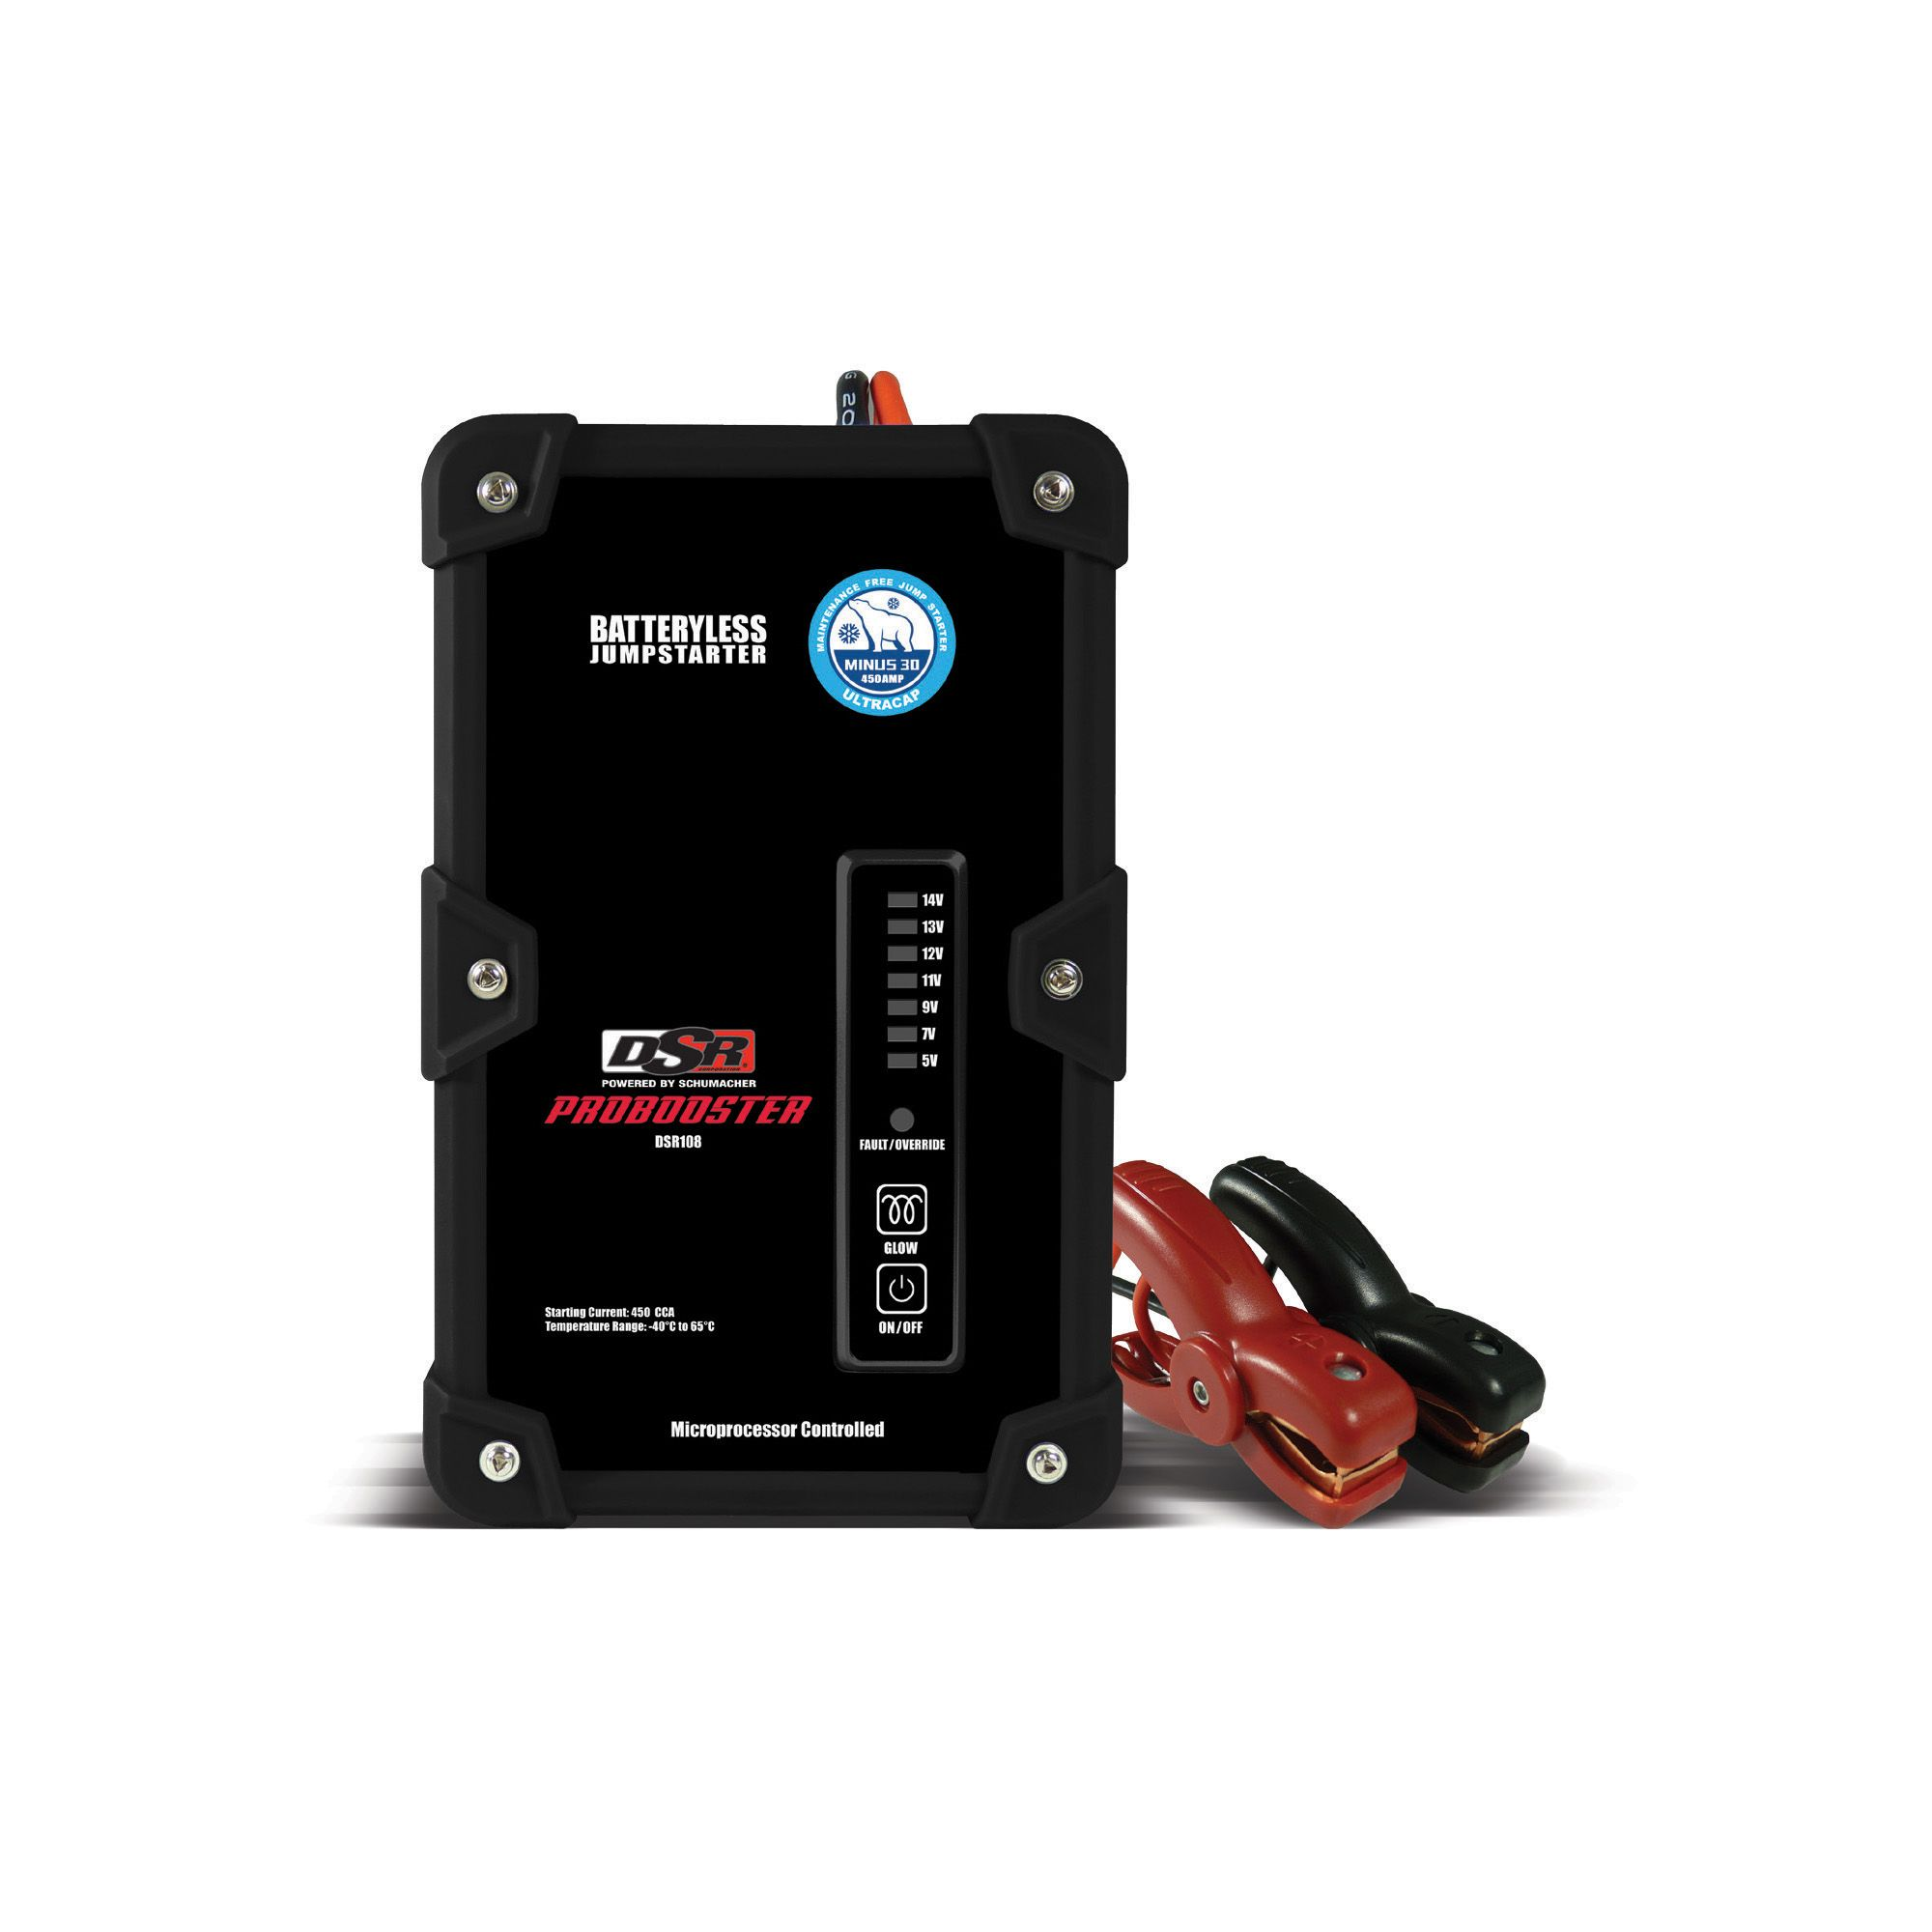 Schumacher 12v 450a Batteryless Jumpstarter Part No